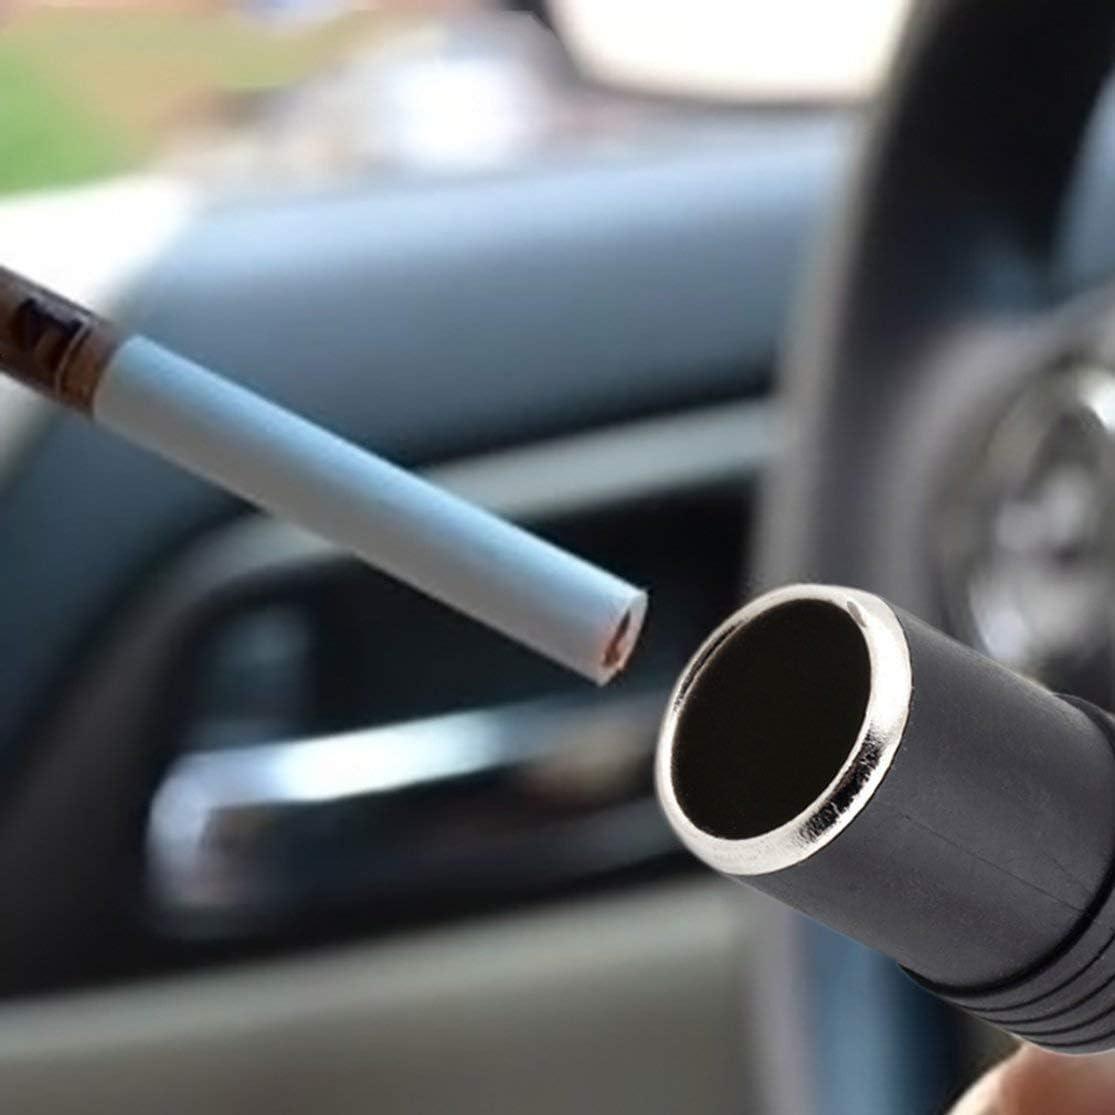 24 V Buchse Color:Black Universal DC Weibliche Auto Fahrzeuge Zigarettenanz/ünder Verl/ängerung Steckverbinder Netzteil Kabel 12 V